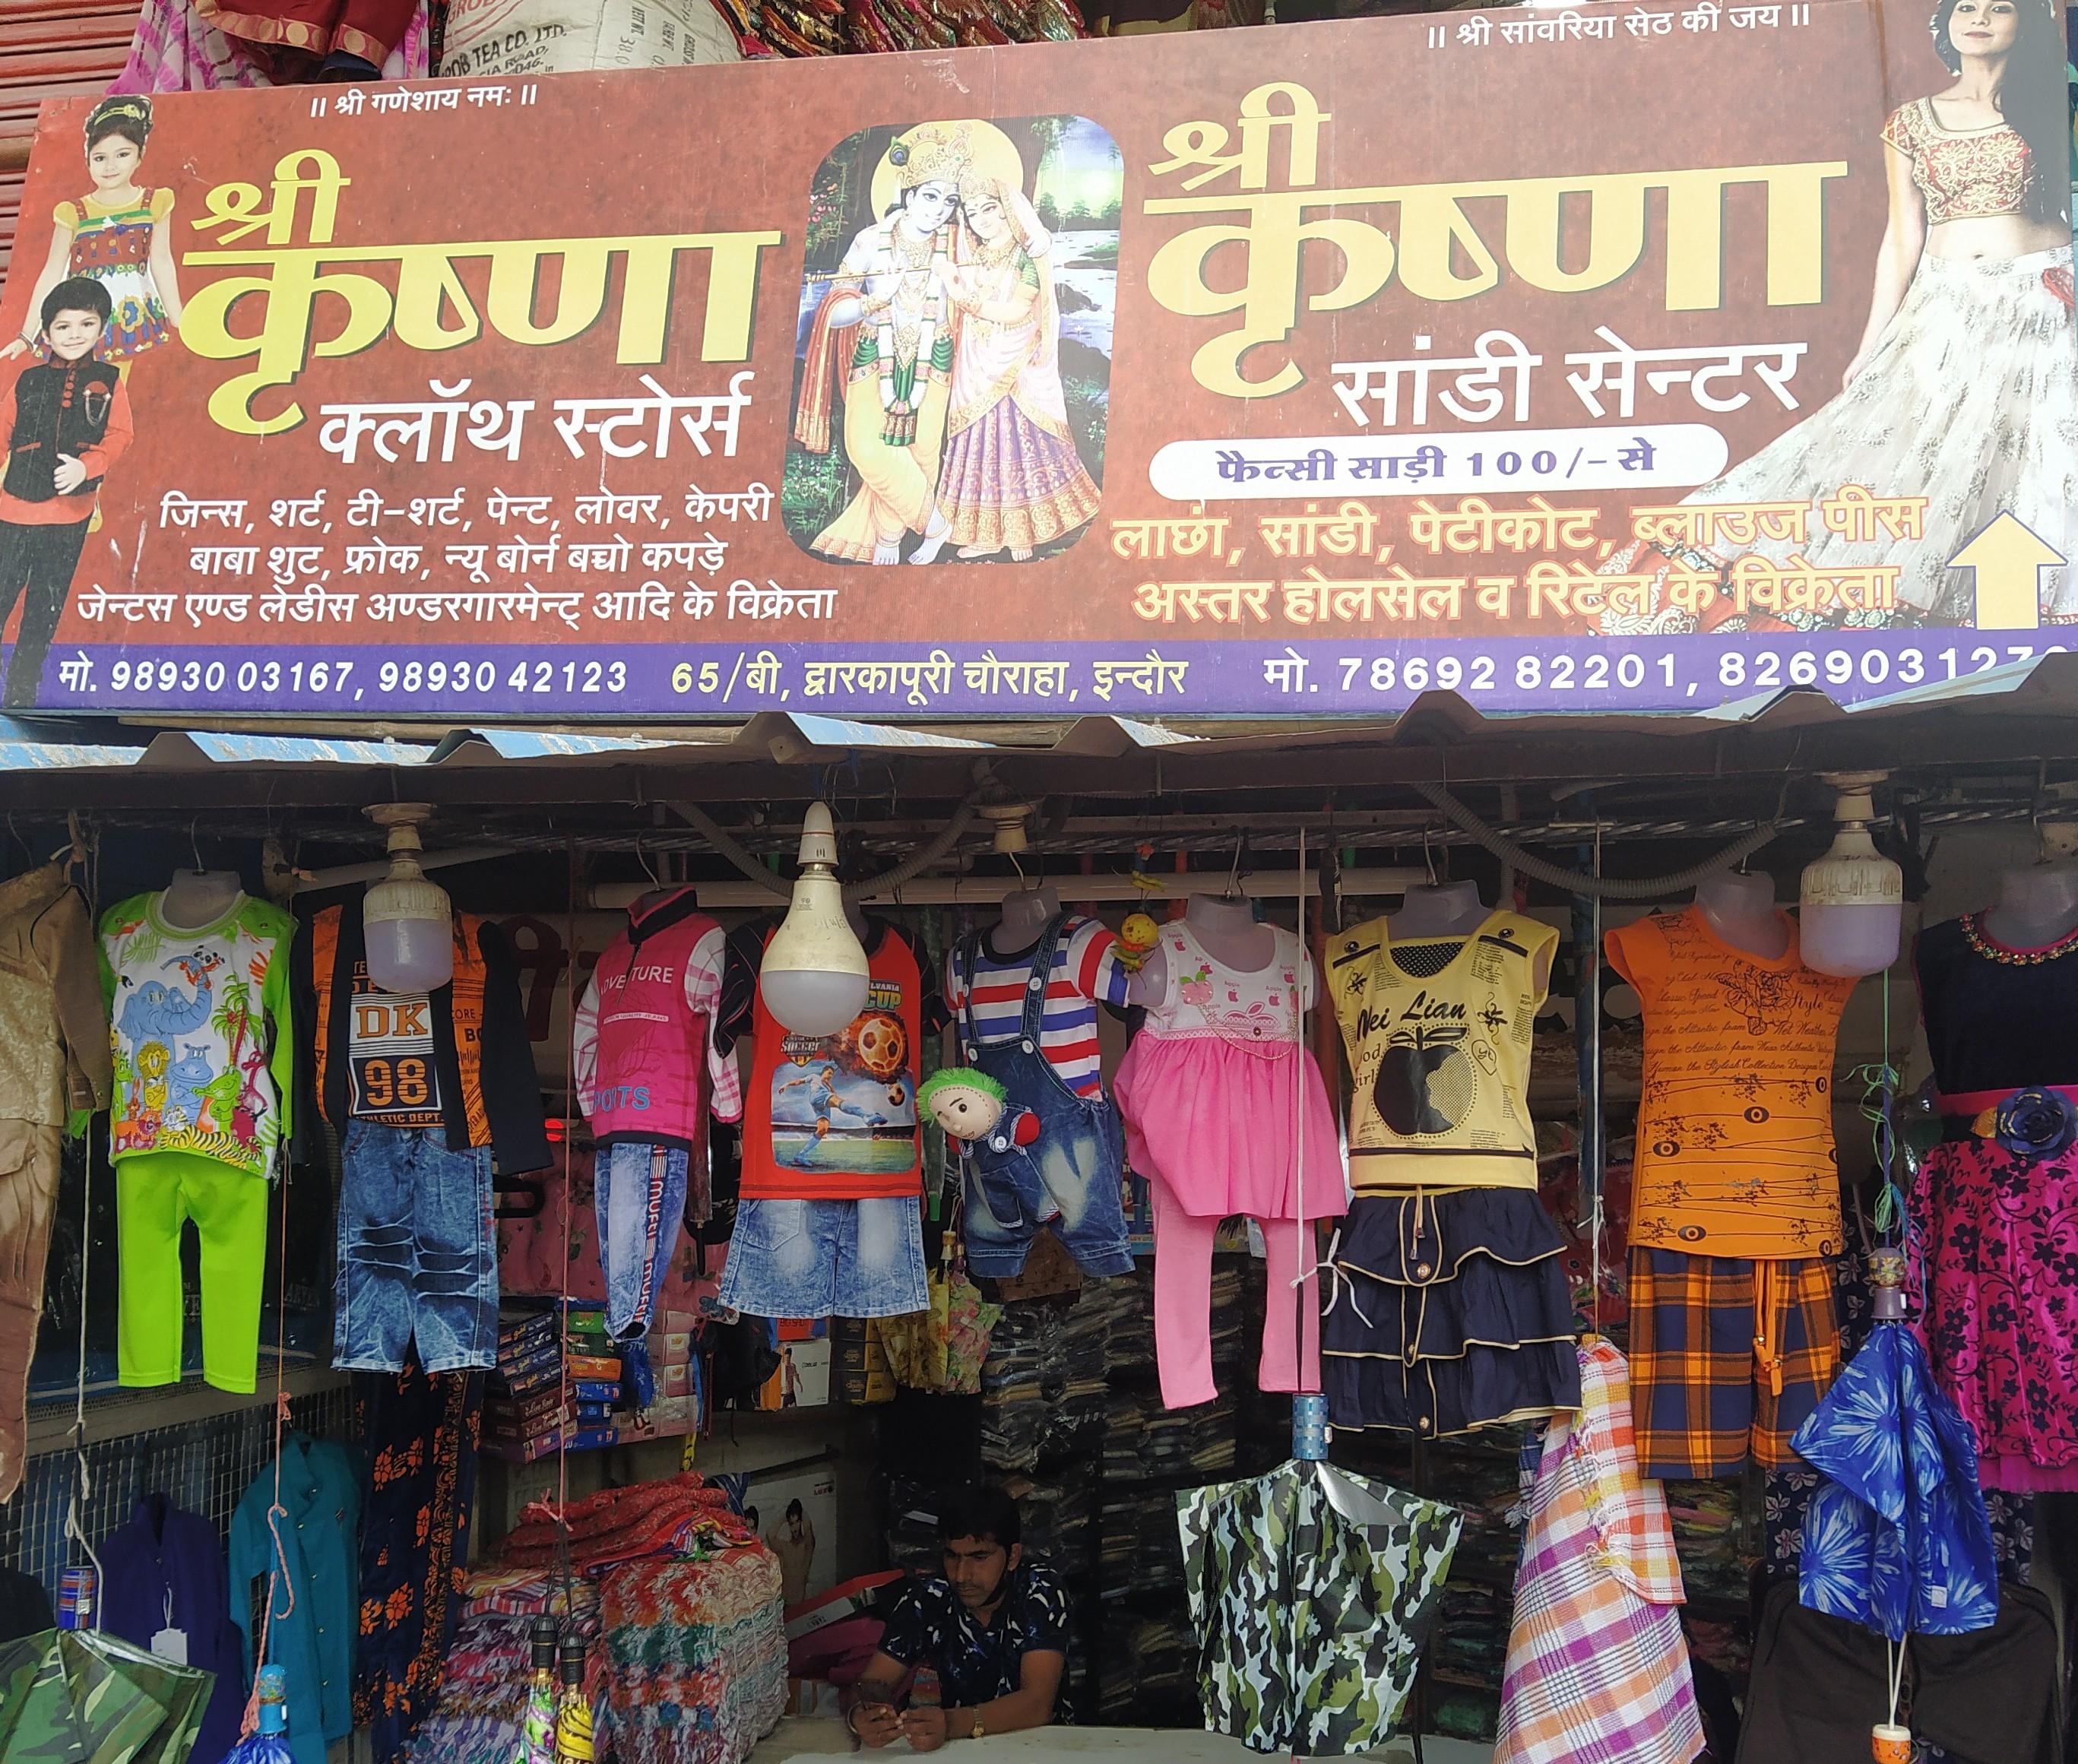 Shree Krishna cloth store